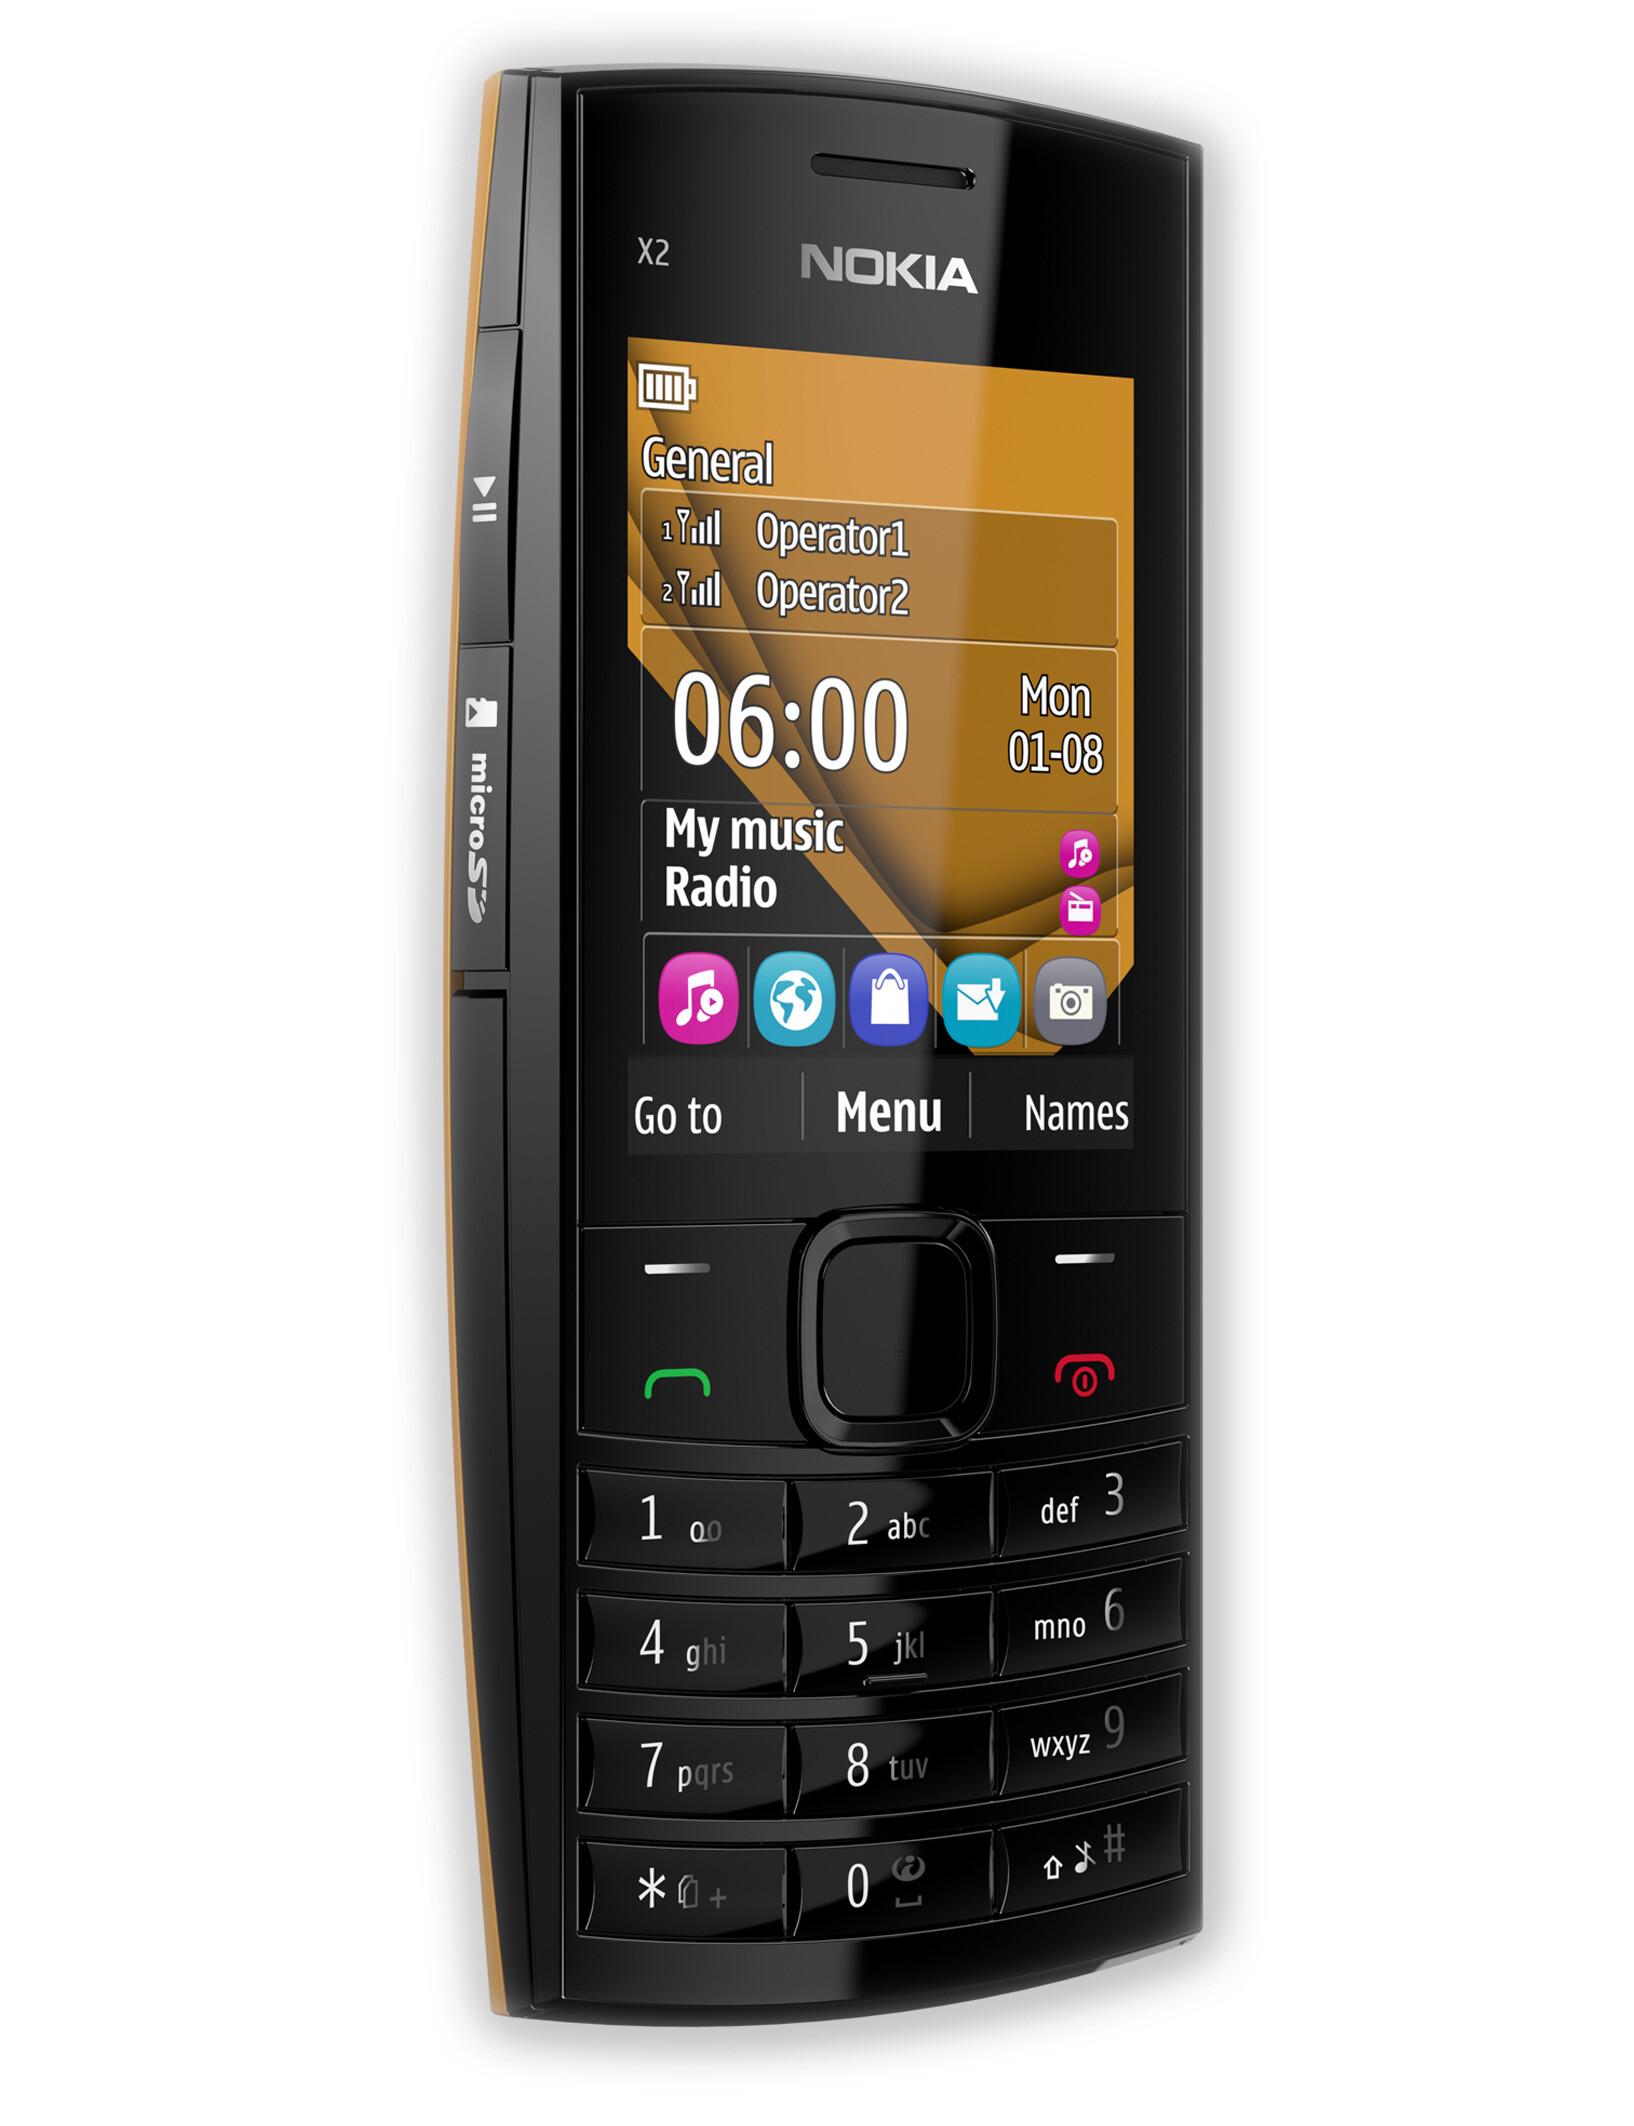 Nokia X2-02 specs